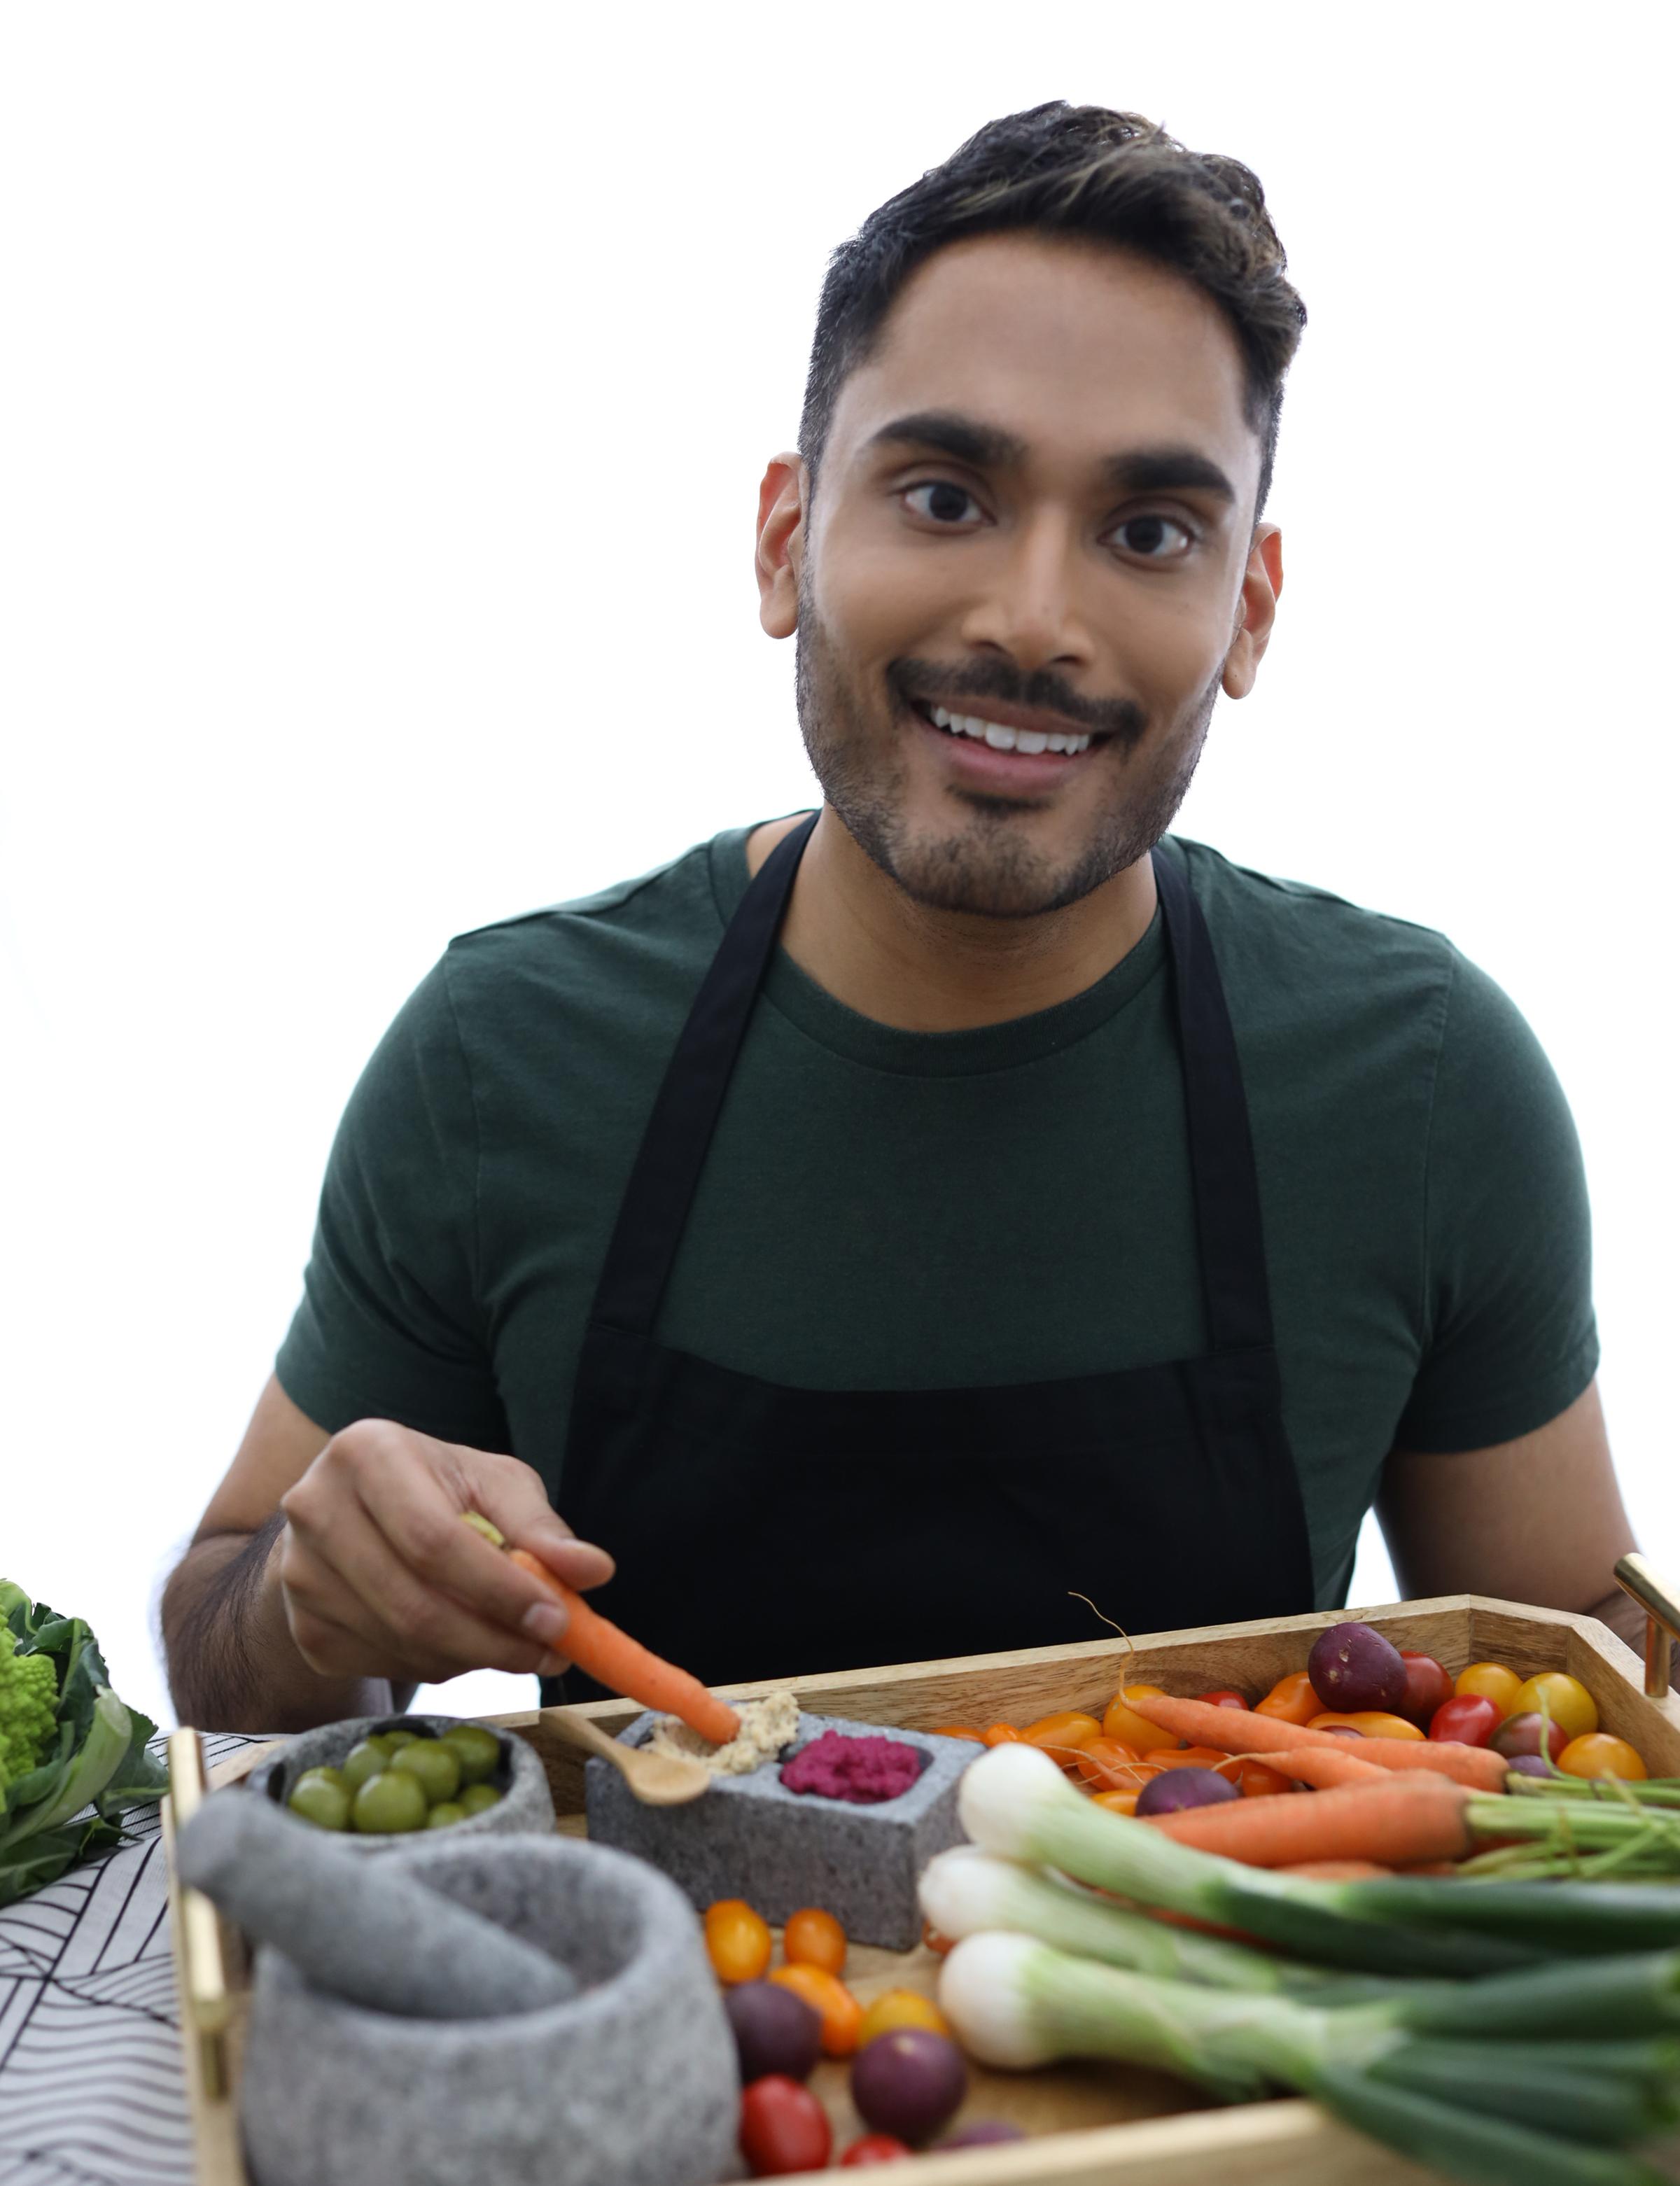 Sunni Patel